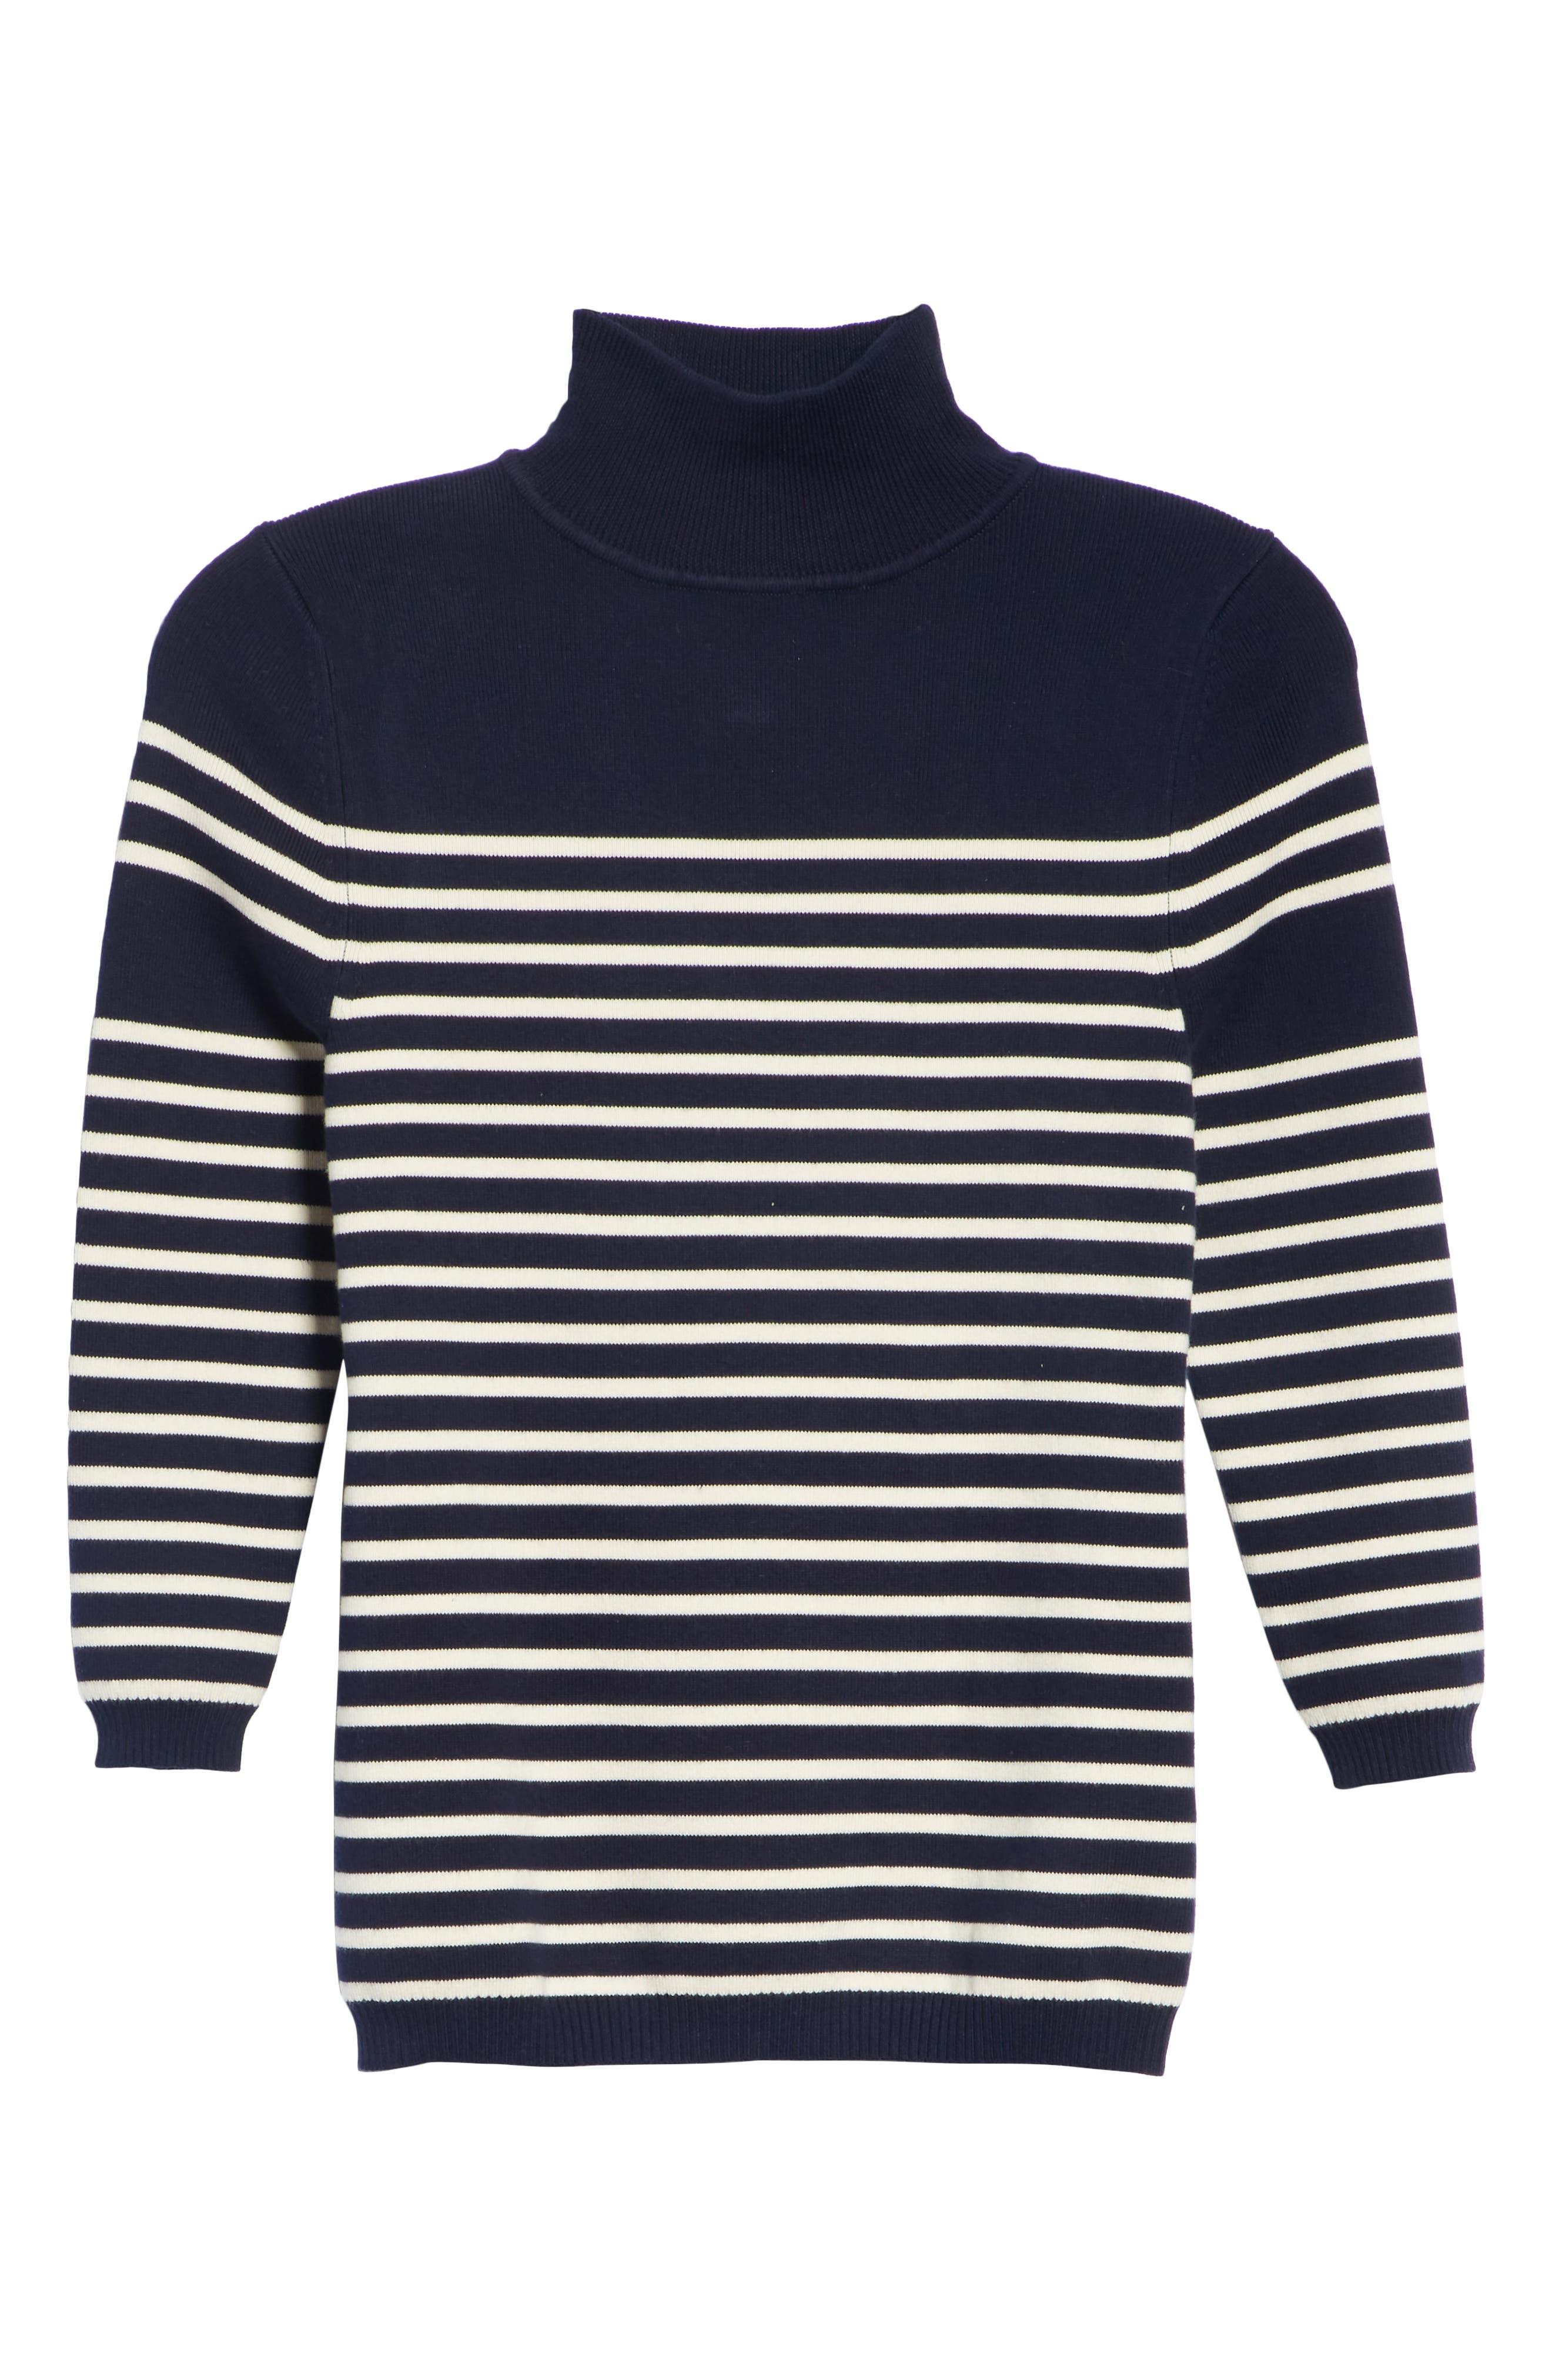 Classique Stripe Sweater,                             Alternate thumbnail 6, color,                             401